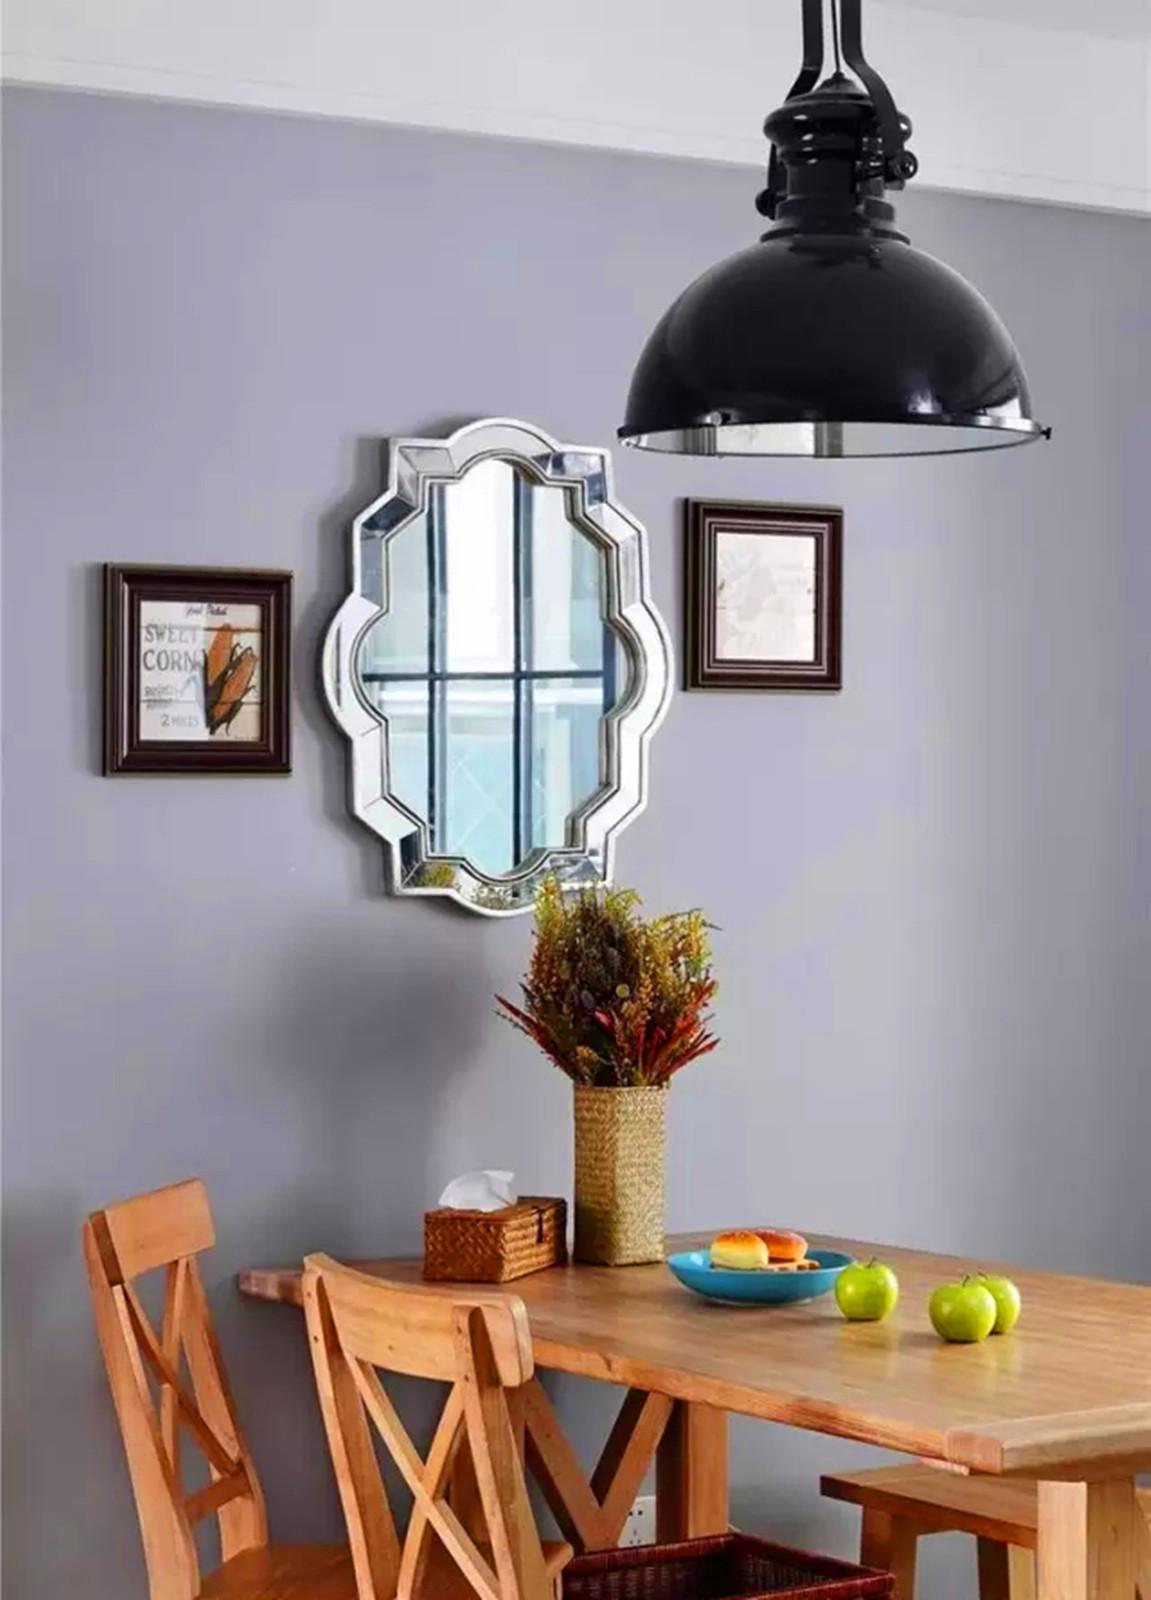 美式 三居 轻盈 舒适 餐厅图片来自高度国际装饰宋增会在碧桂园118平米美式设计的分享